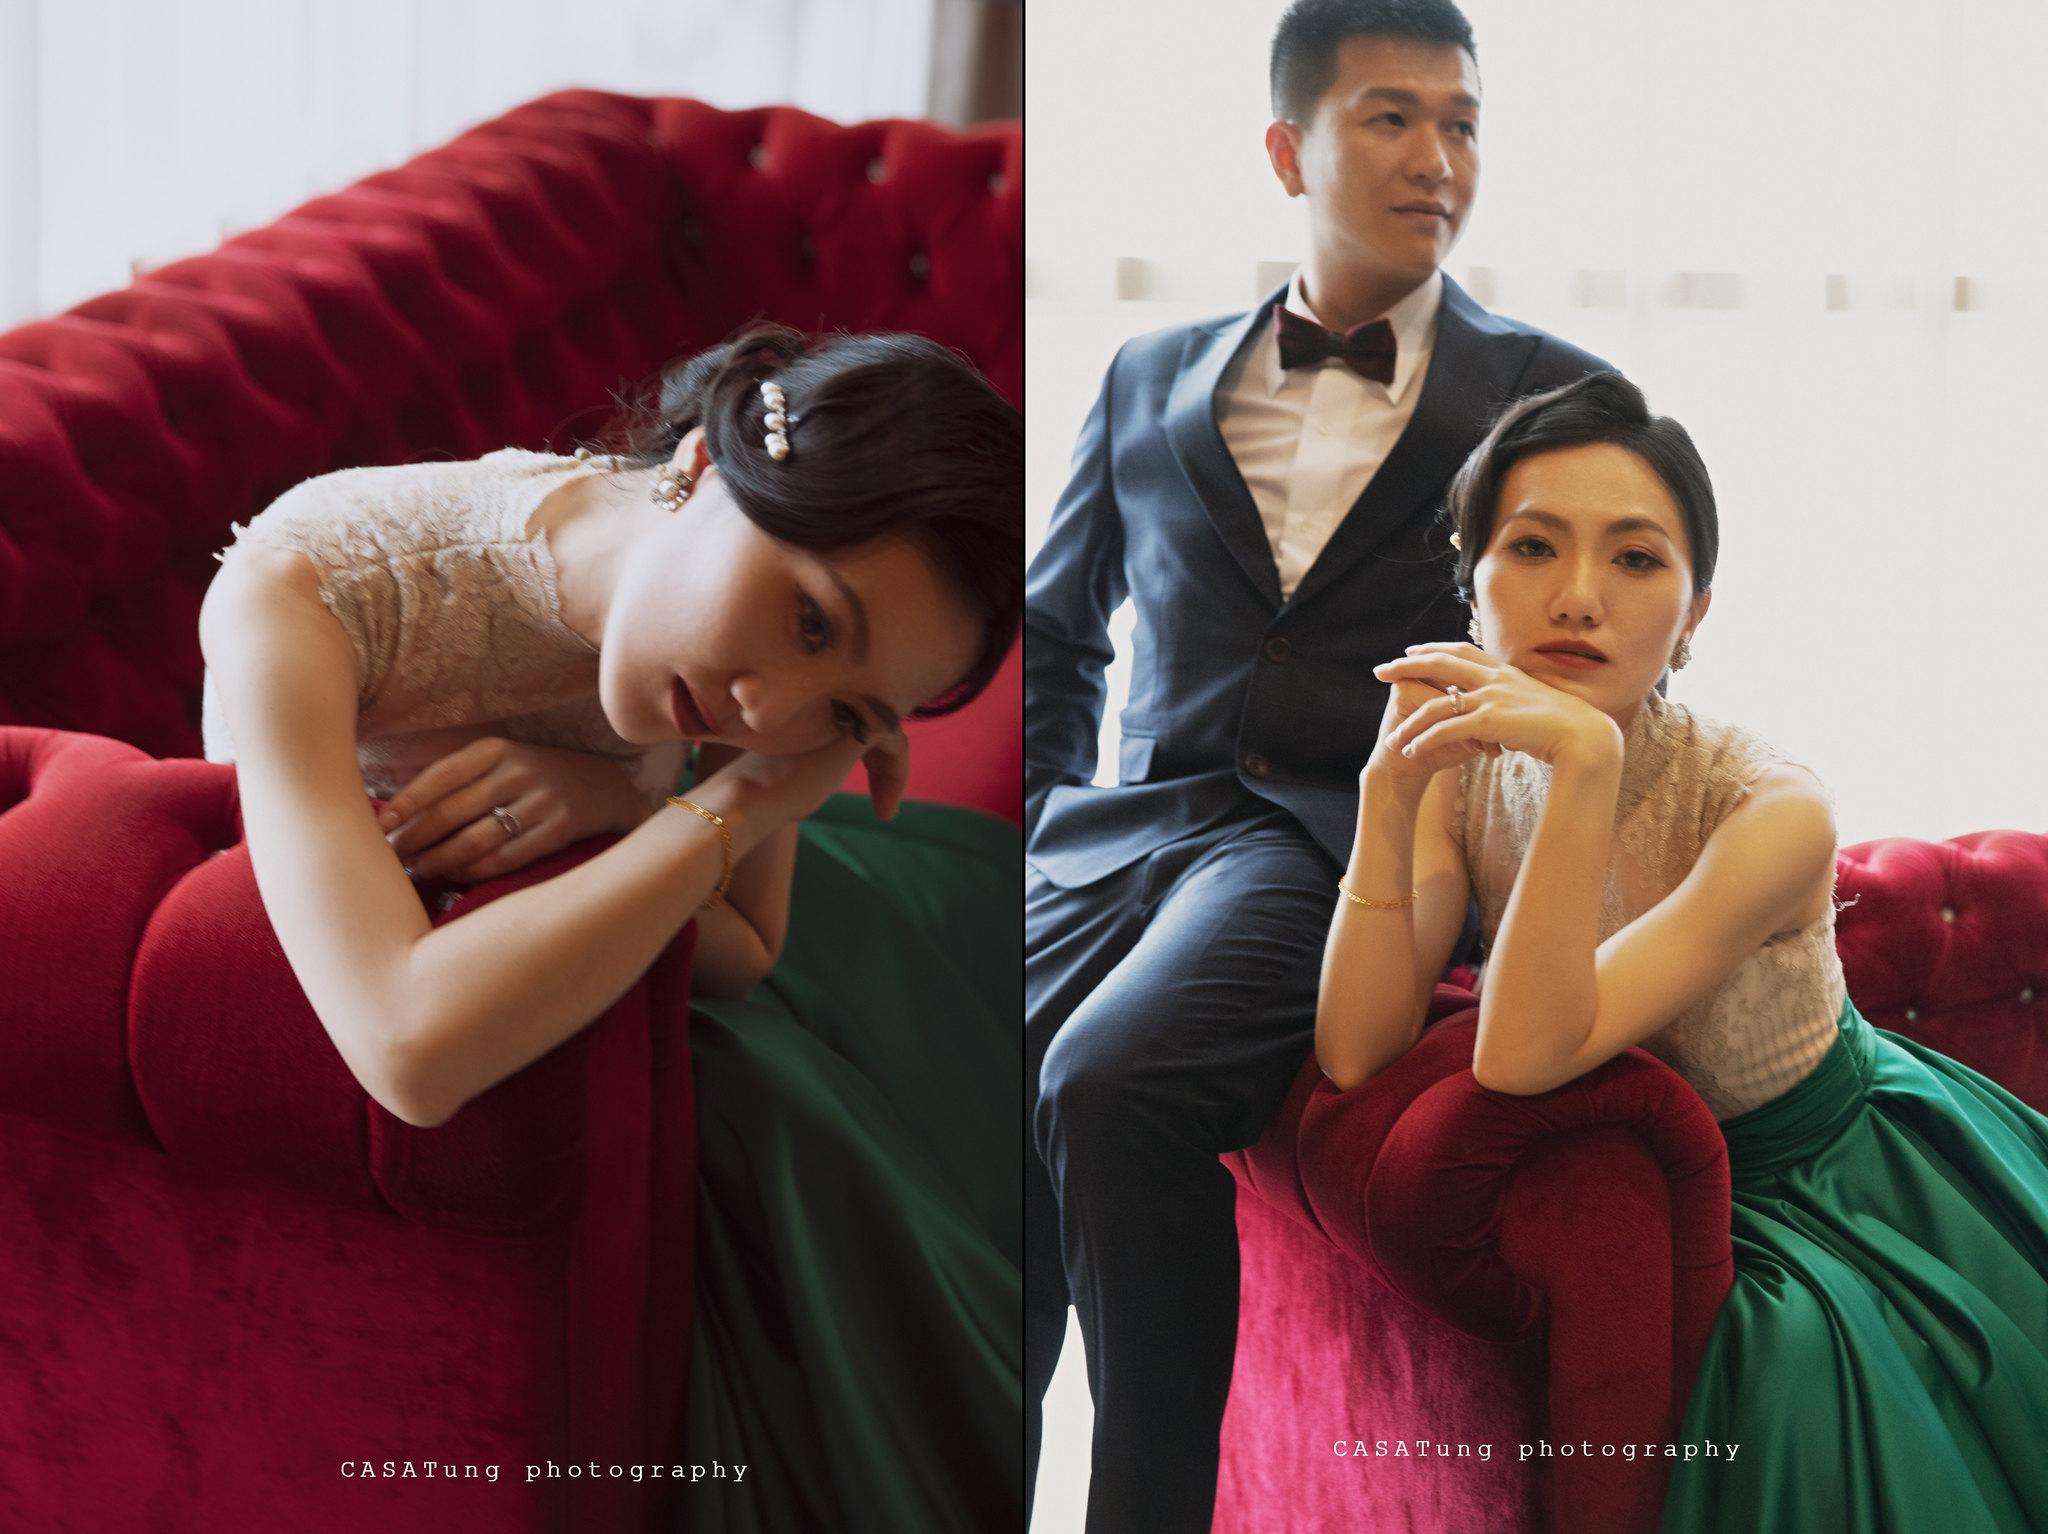 台中自助婚紗,台中婚攝推薦-136拷貝